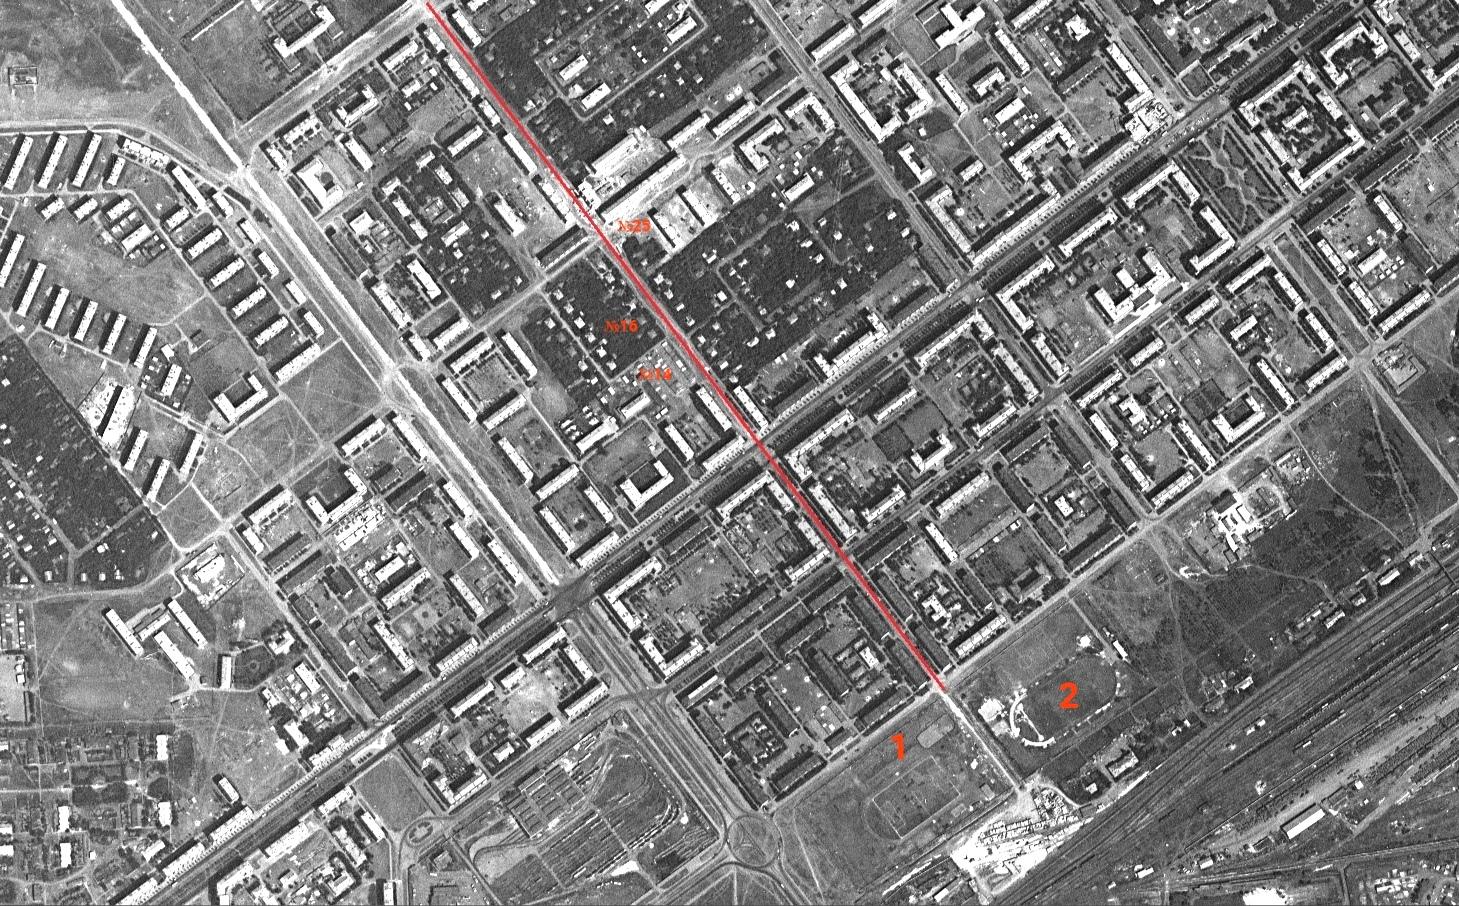 Улица Средне-Садовая в 1967 году